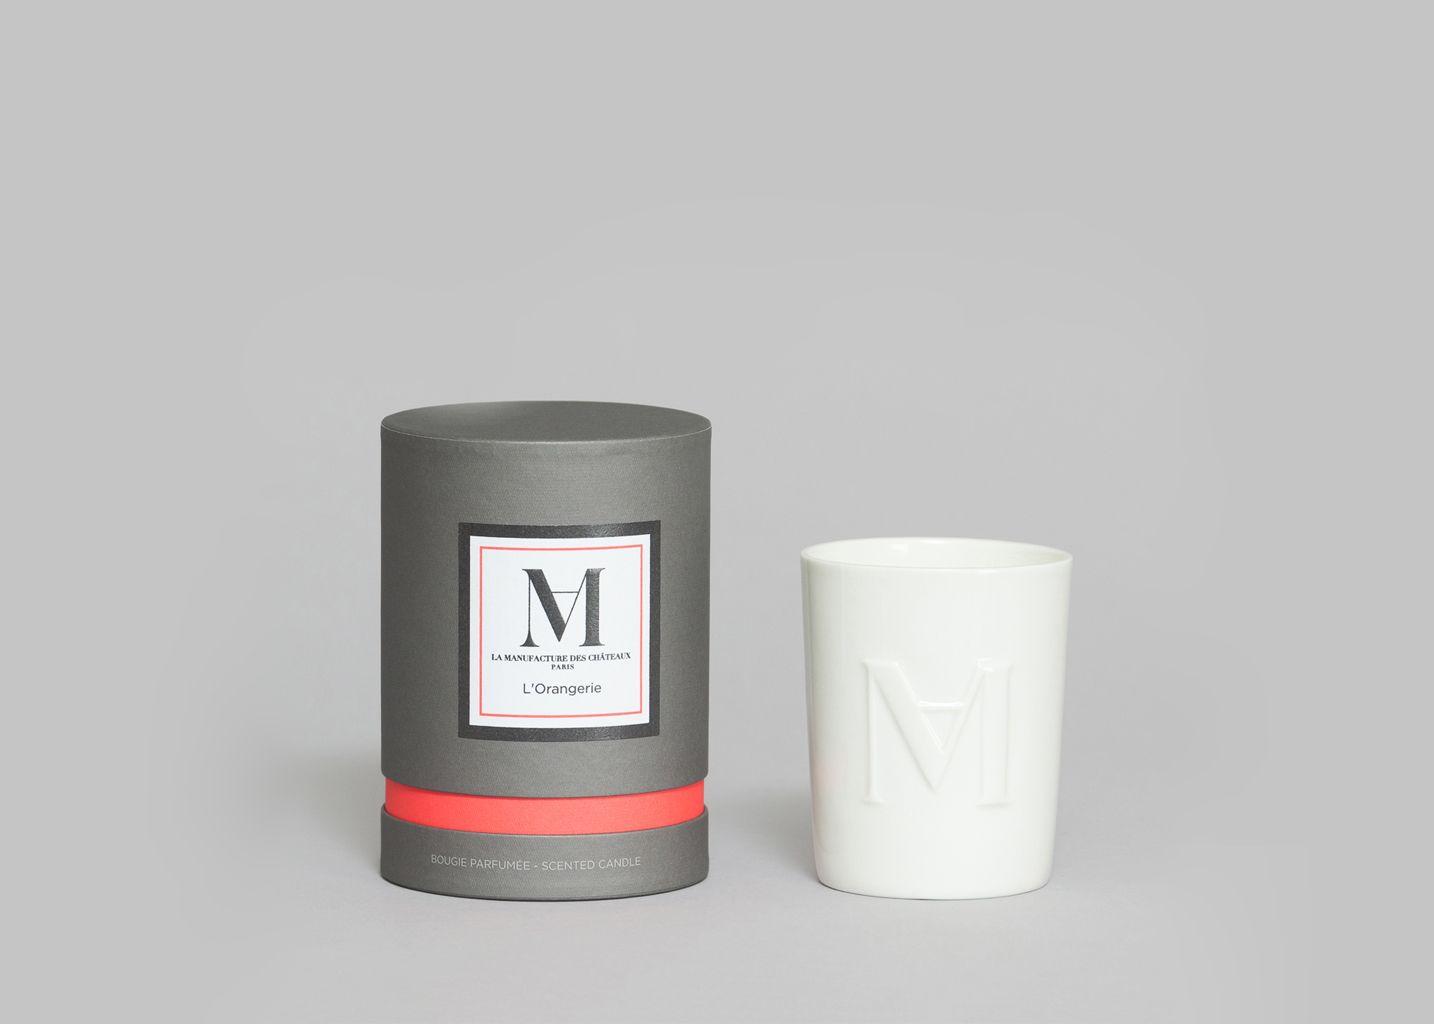 Bougie L'Orangerie - La Manufacture Parfums